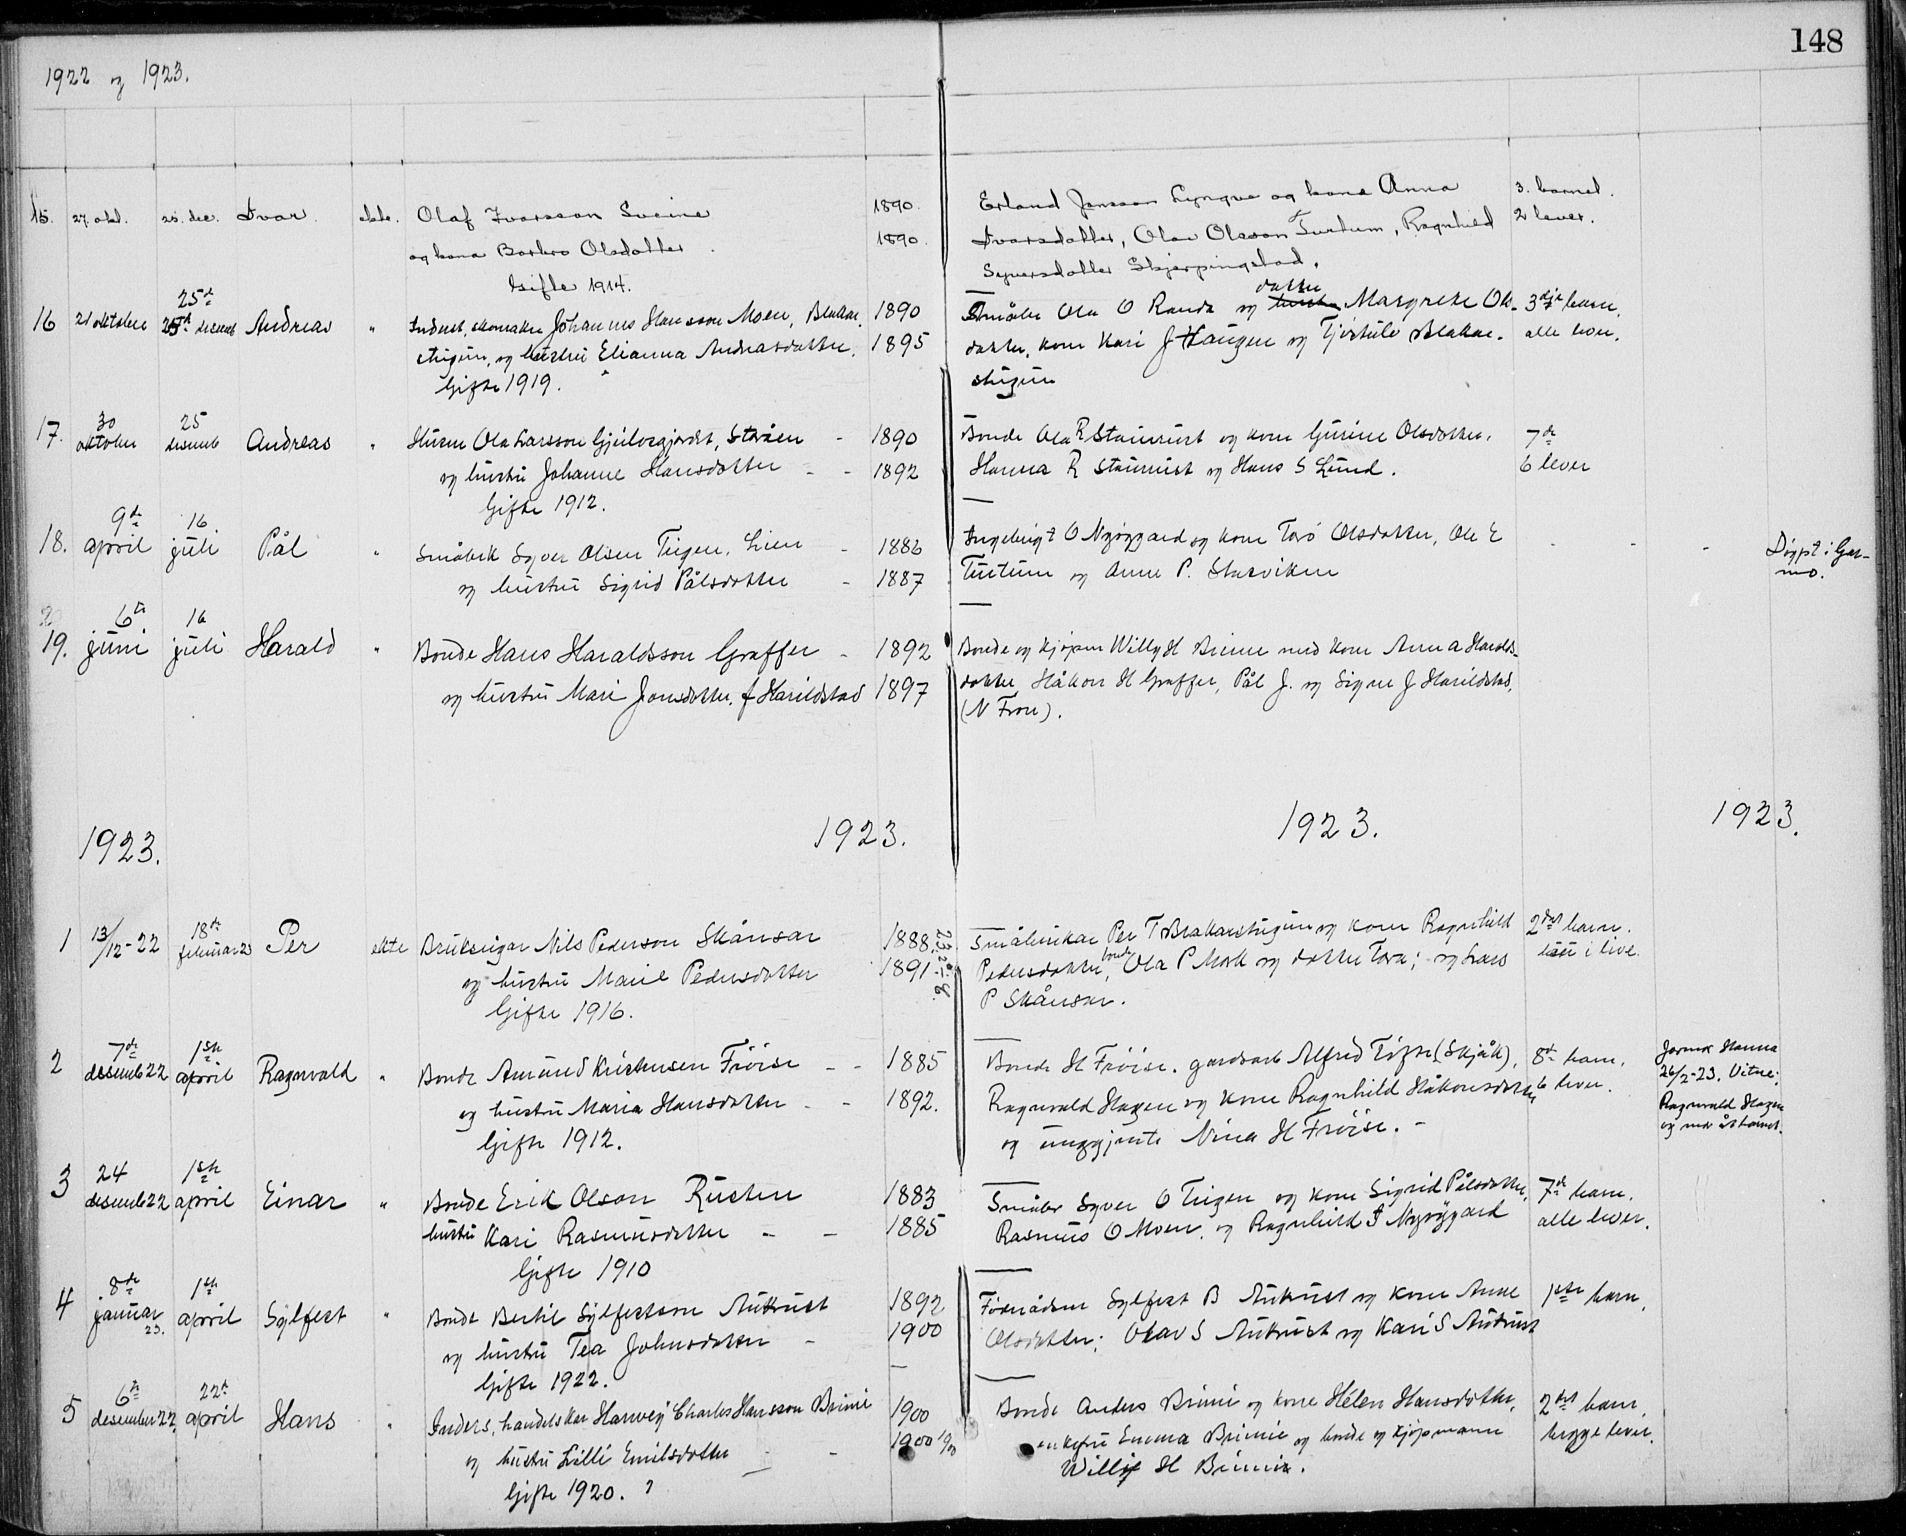 SAH, Lom prestekontor, L/L0013: Klokkerbok nr. 13, 1874-1938, s. 148